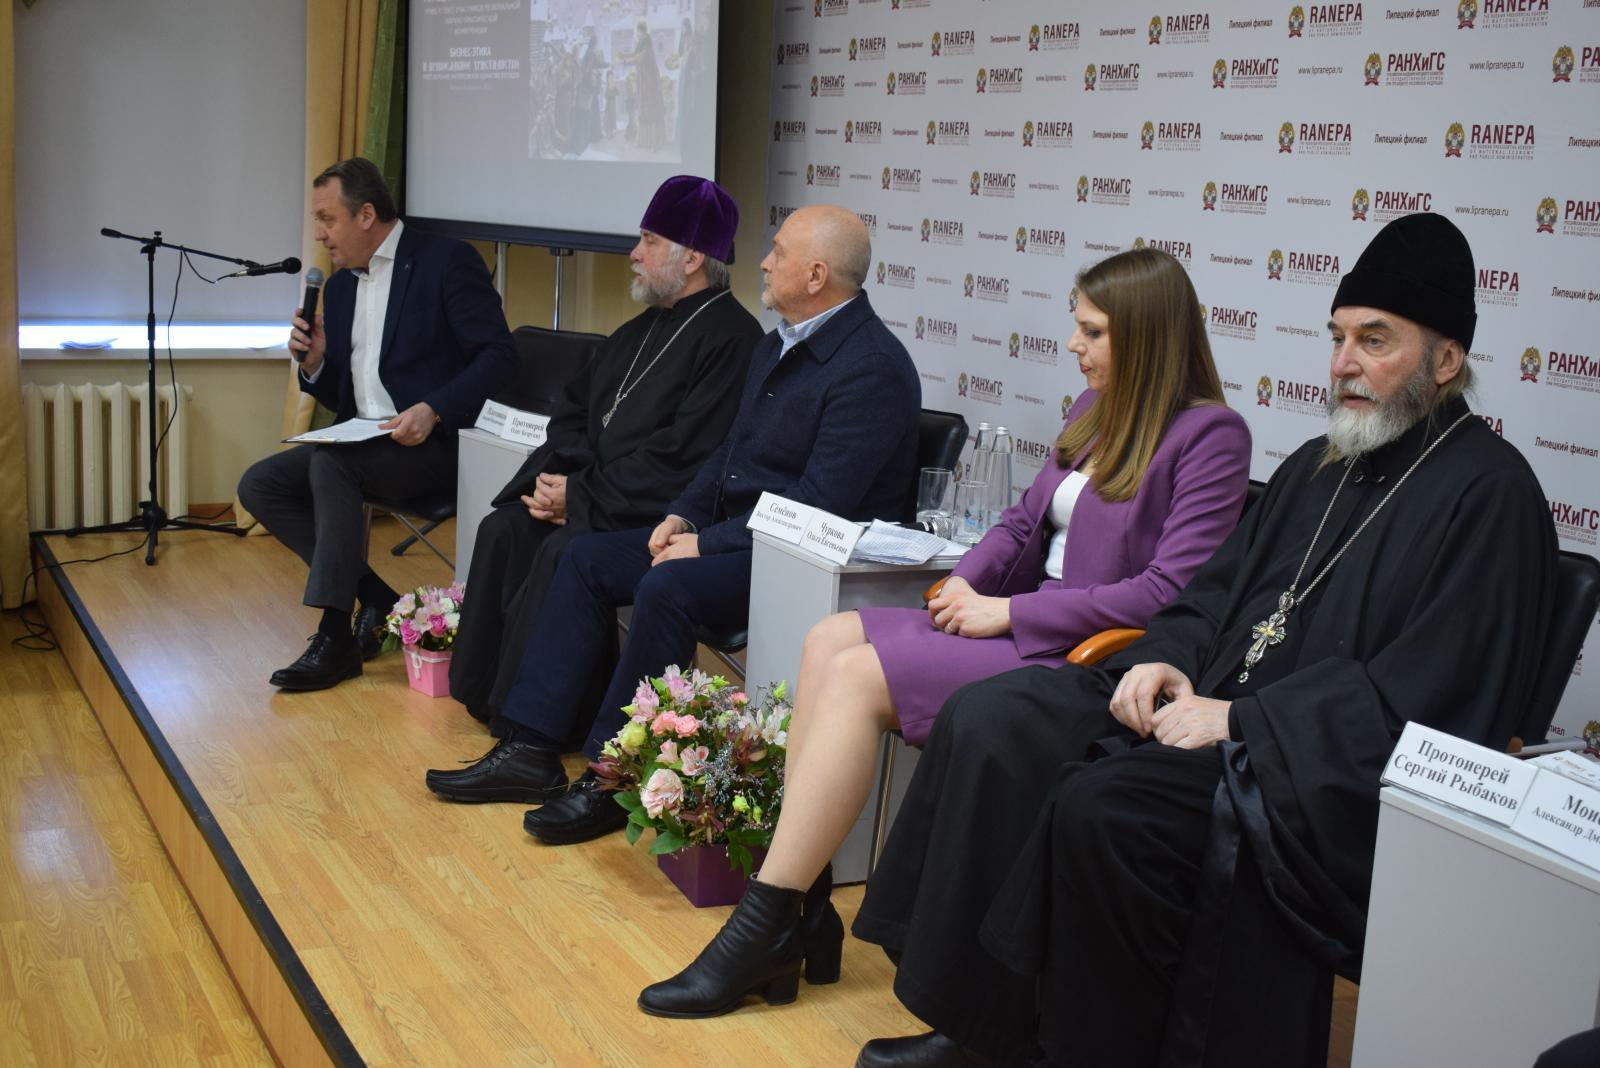 В Липецке прошла конференция на тему бизнес-этики в православии